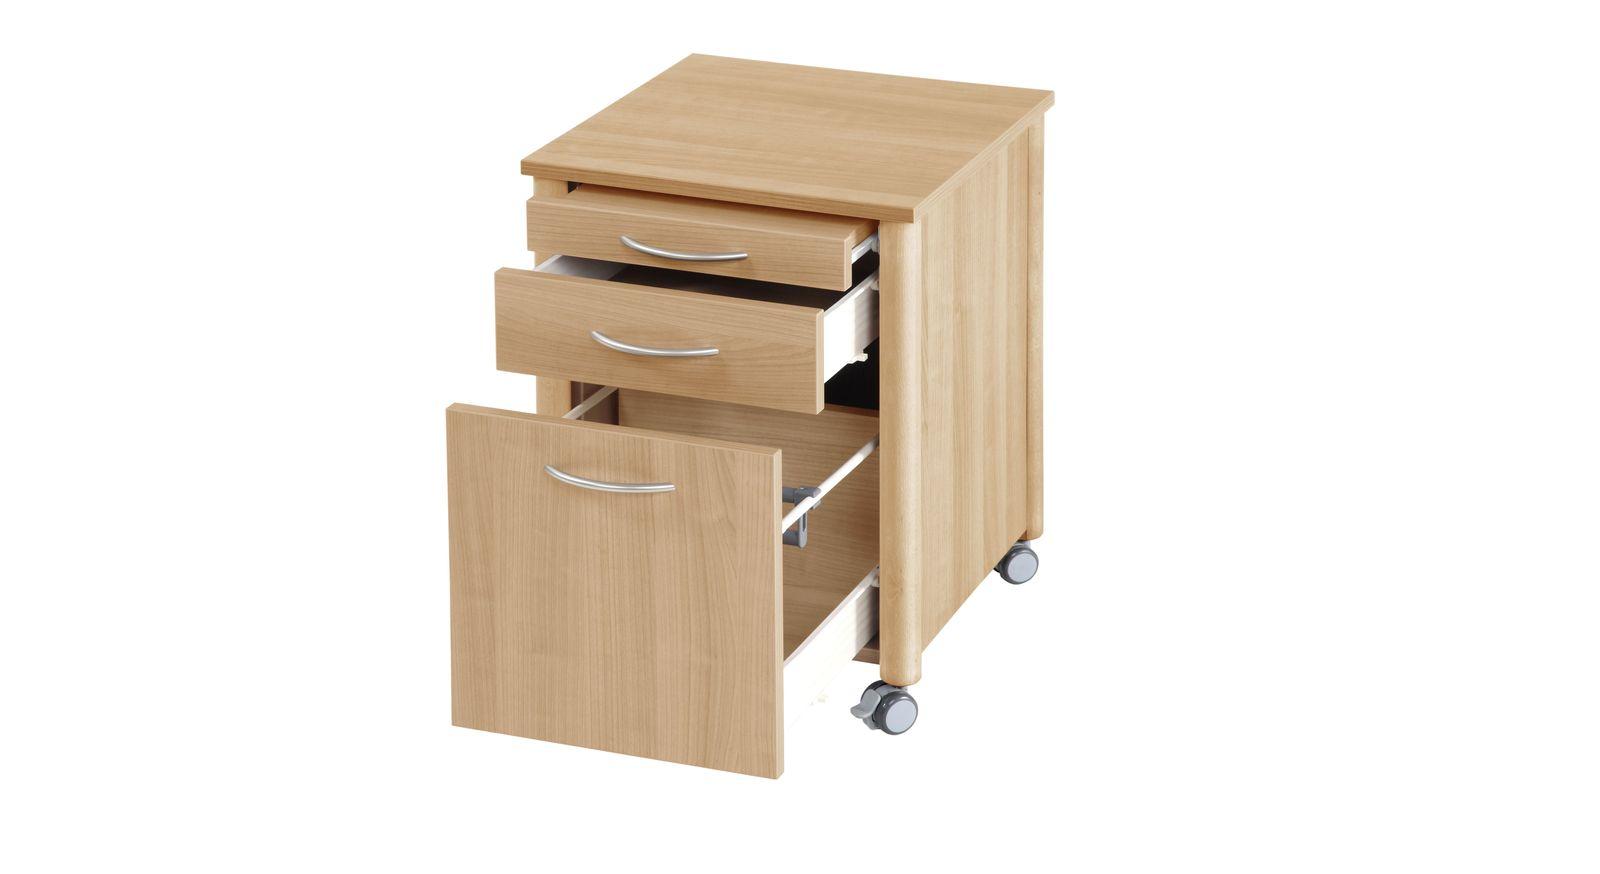 Nachttisch Isar mit leichtgängigen Schubladen-Auszügen